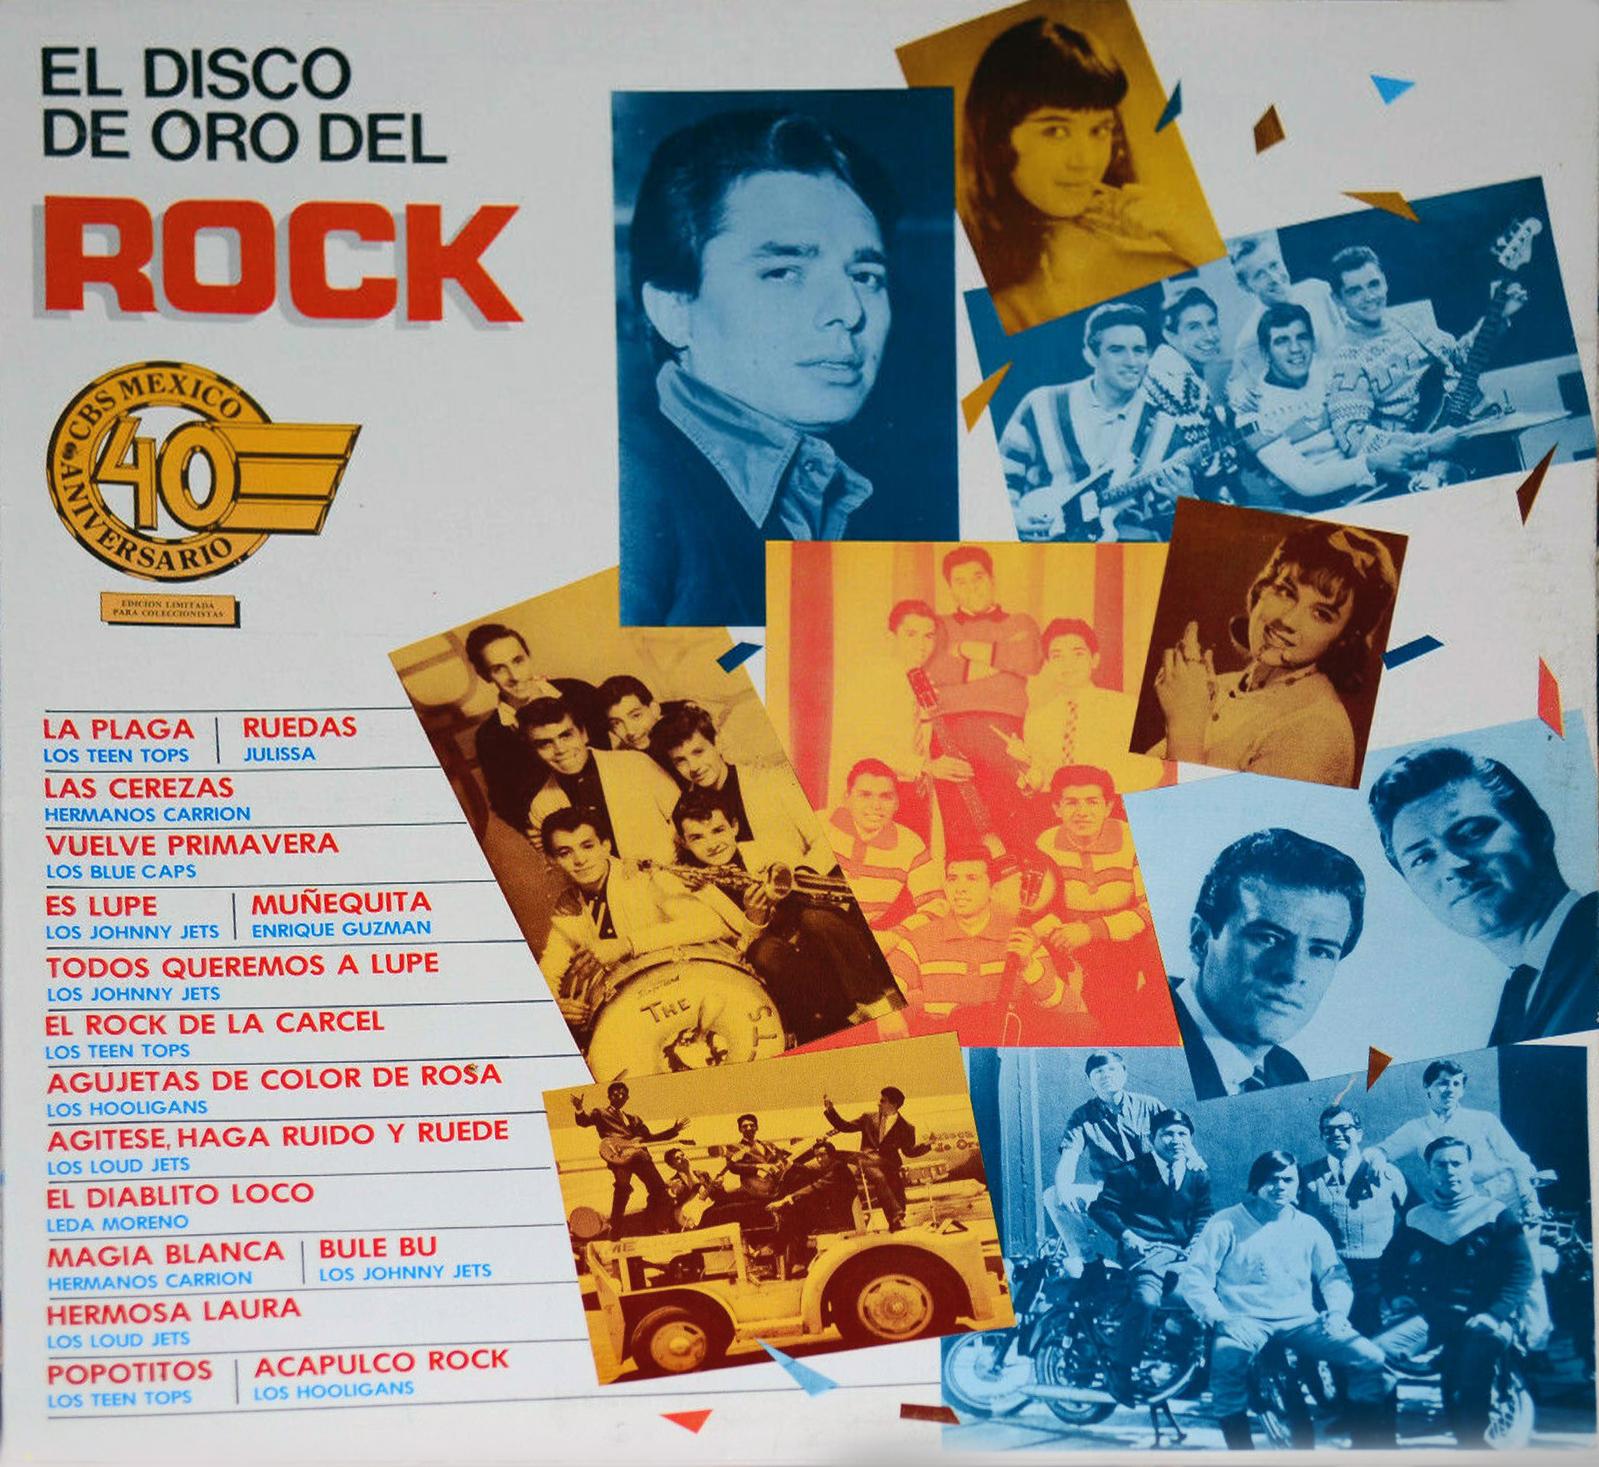 CD Disco de oro del rock mexicano El%2BDisco%2Bde%2BOro